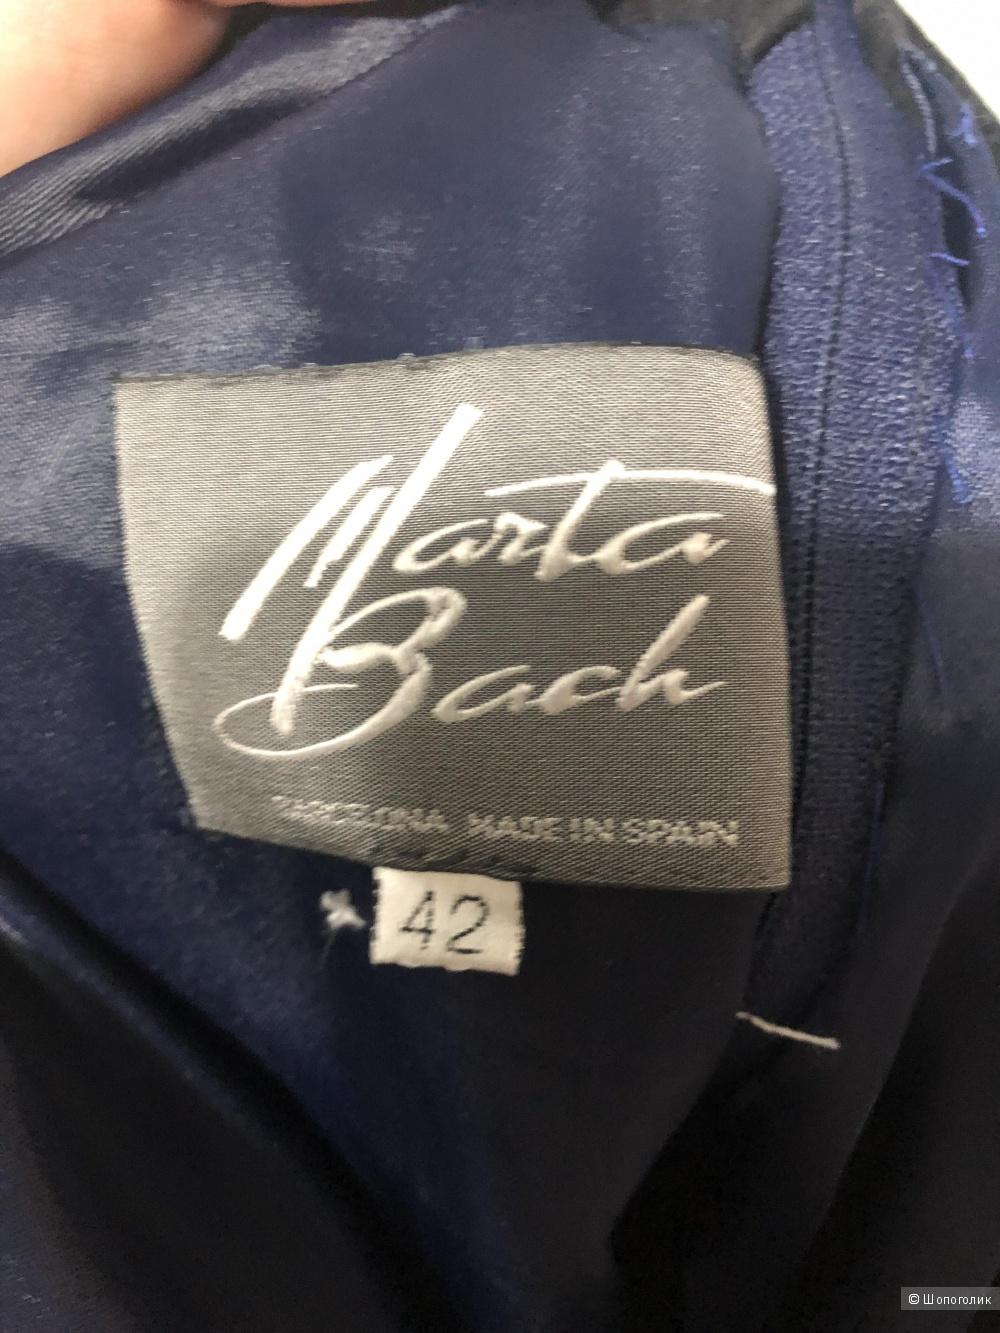 Юбка Marta Bach размер 44/46